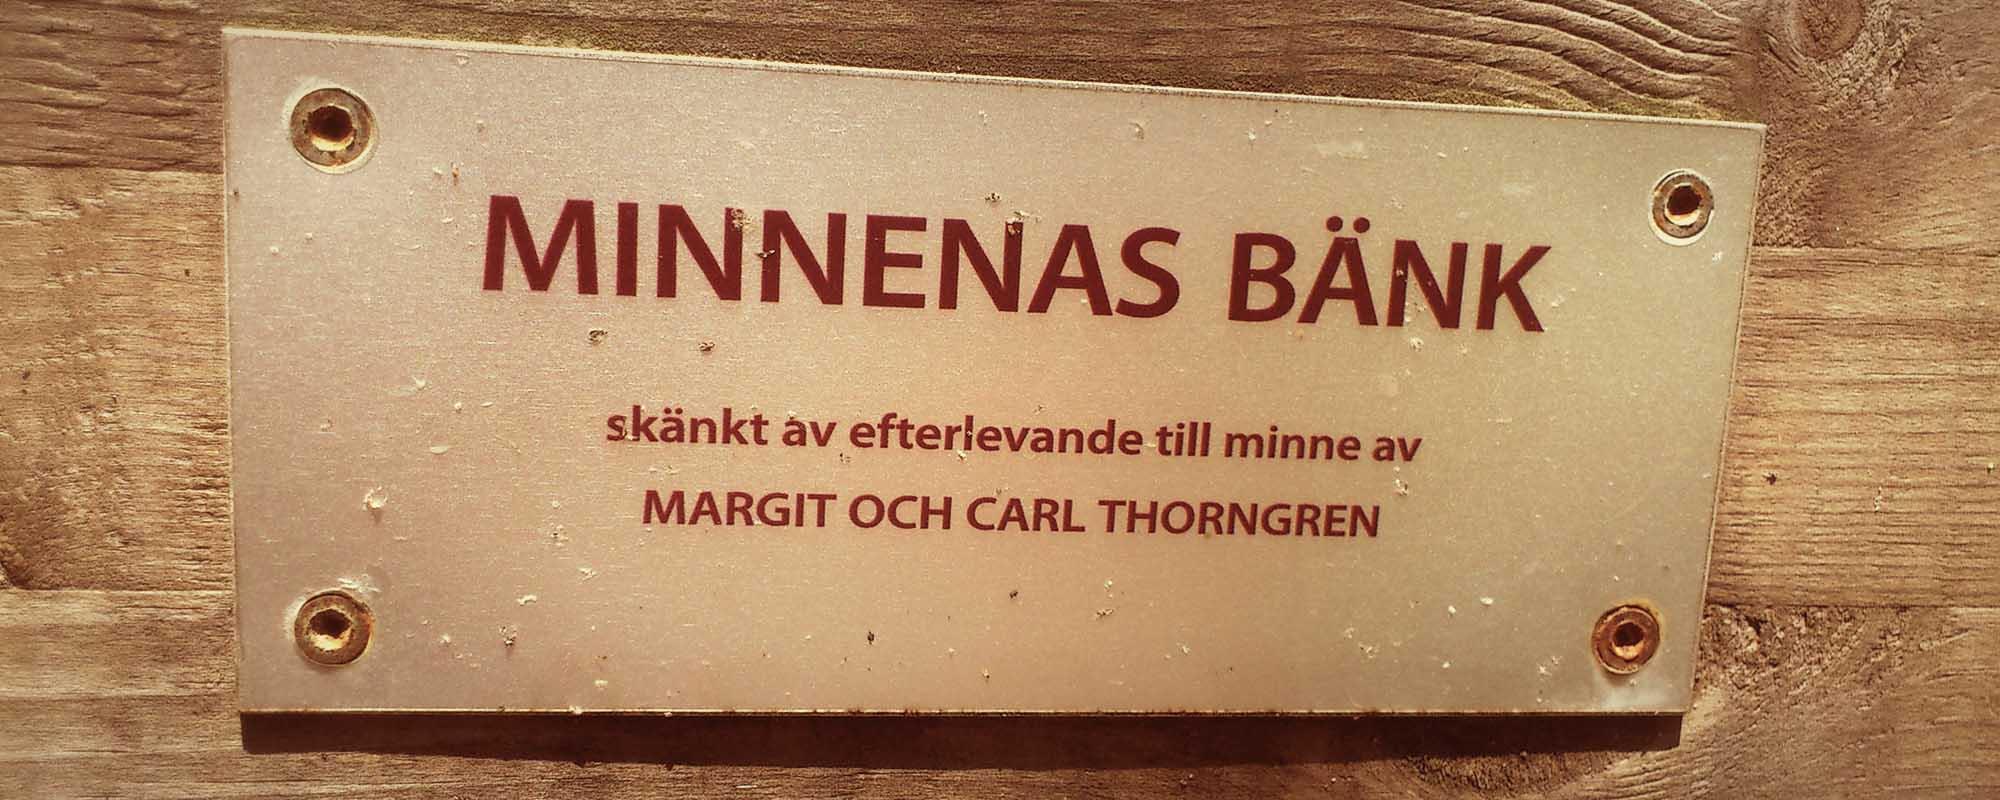 img-minnernas-bank-f